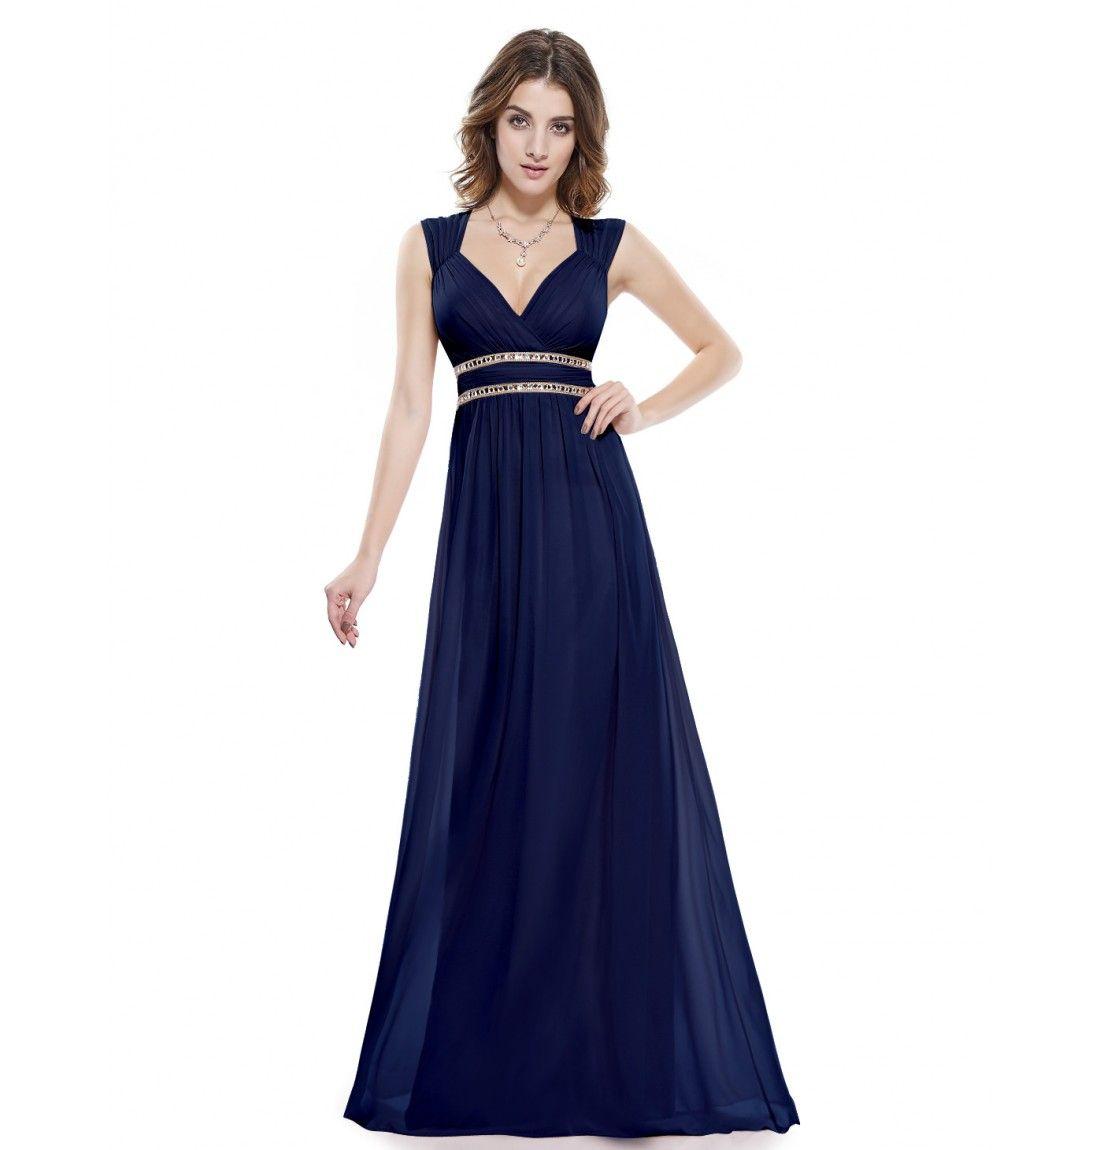 Dunkel Blau V-Ausschnitt Elegant Lang Empire Abendkleid | Kleider ...